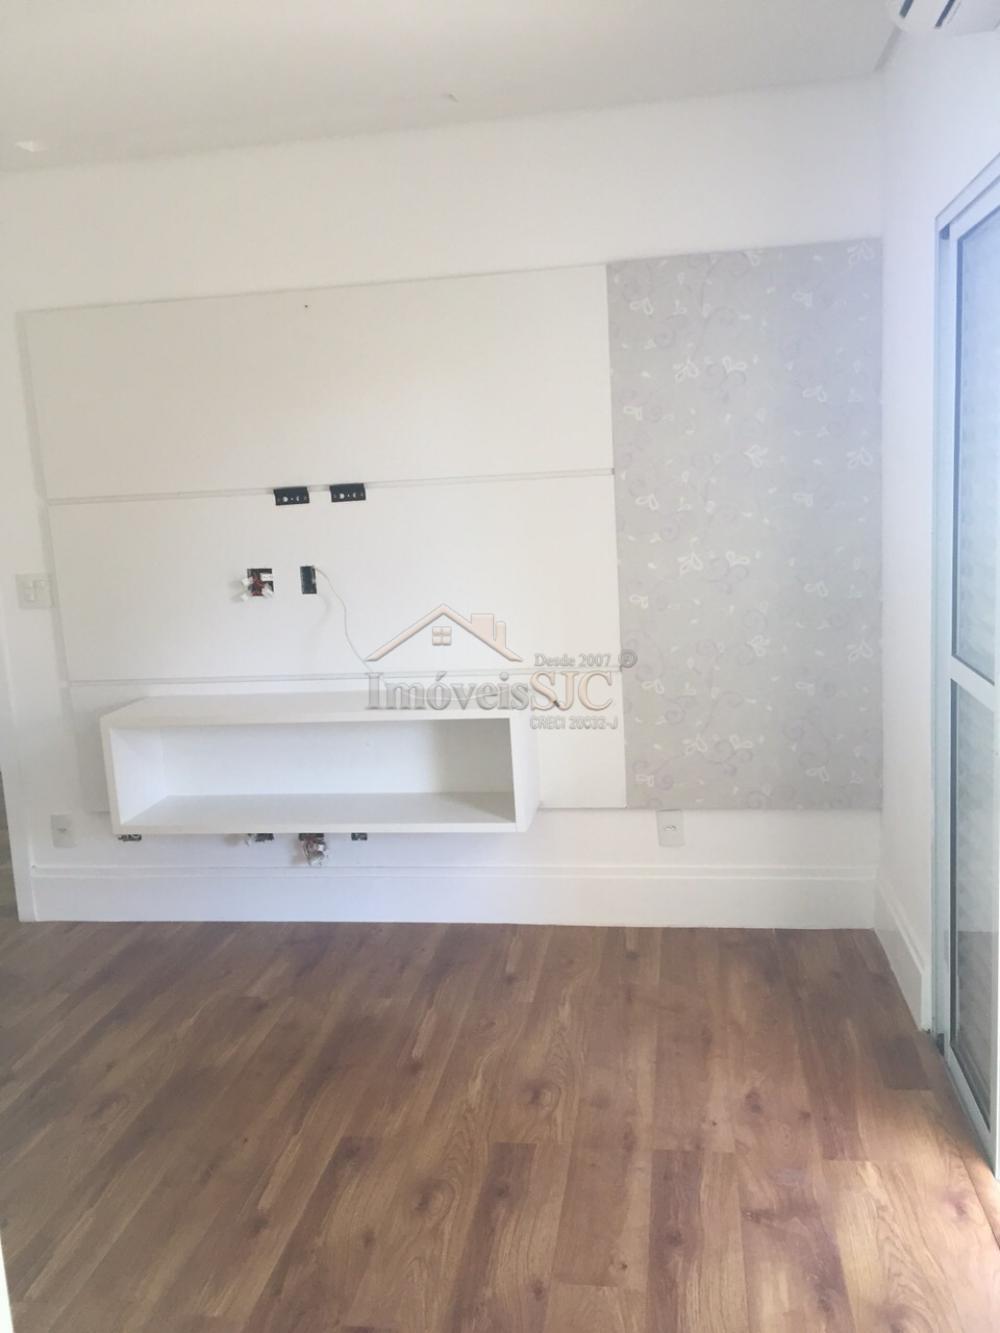 Alugar Casas / Condomínio em São José dos Campos apenas R$ 15.000,00 - Foto 10